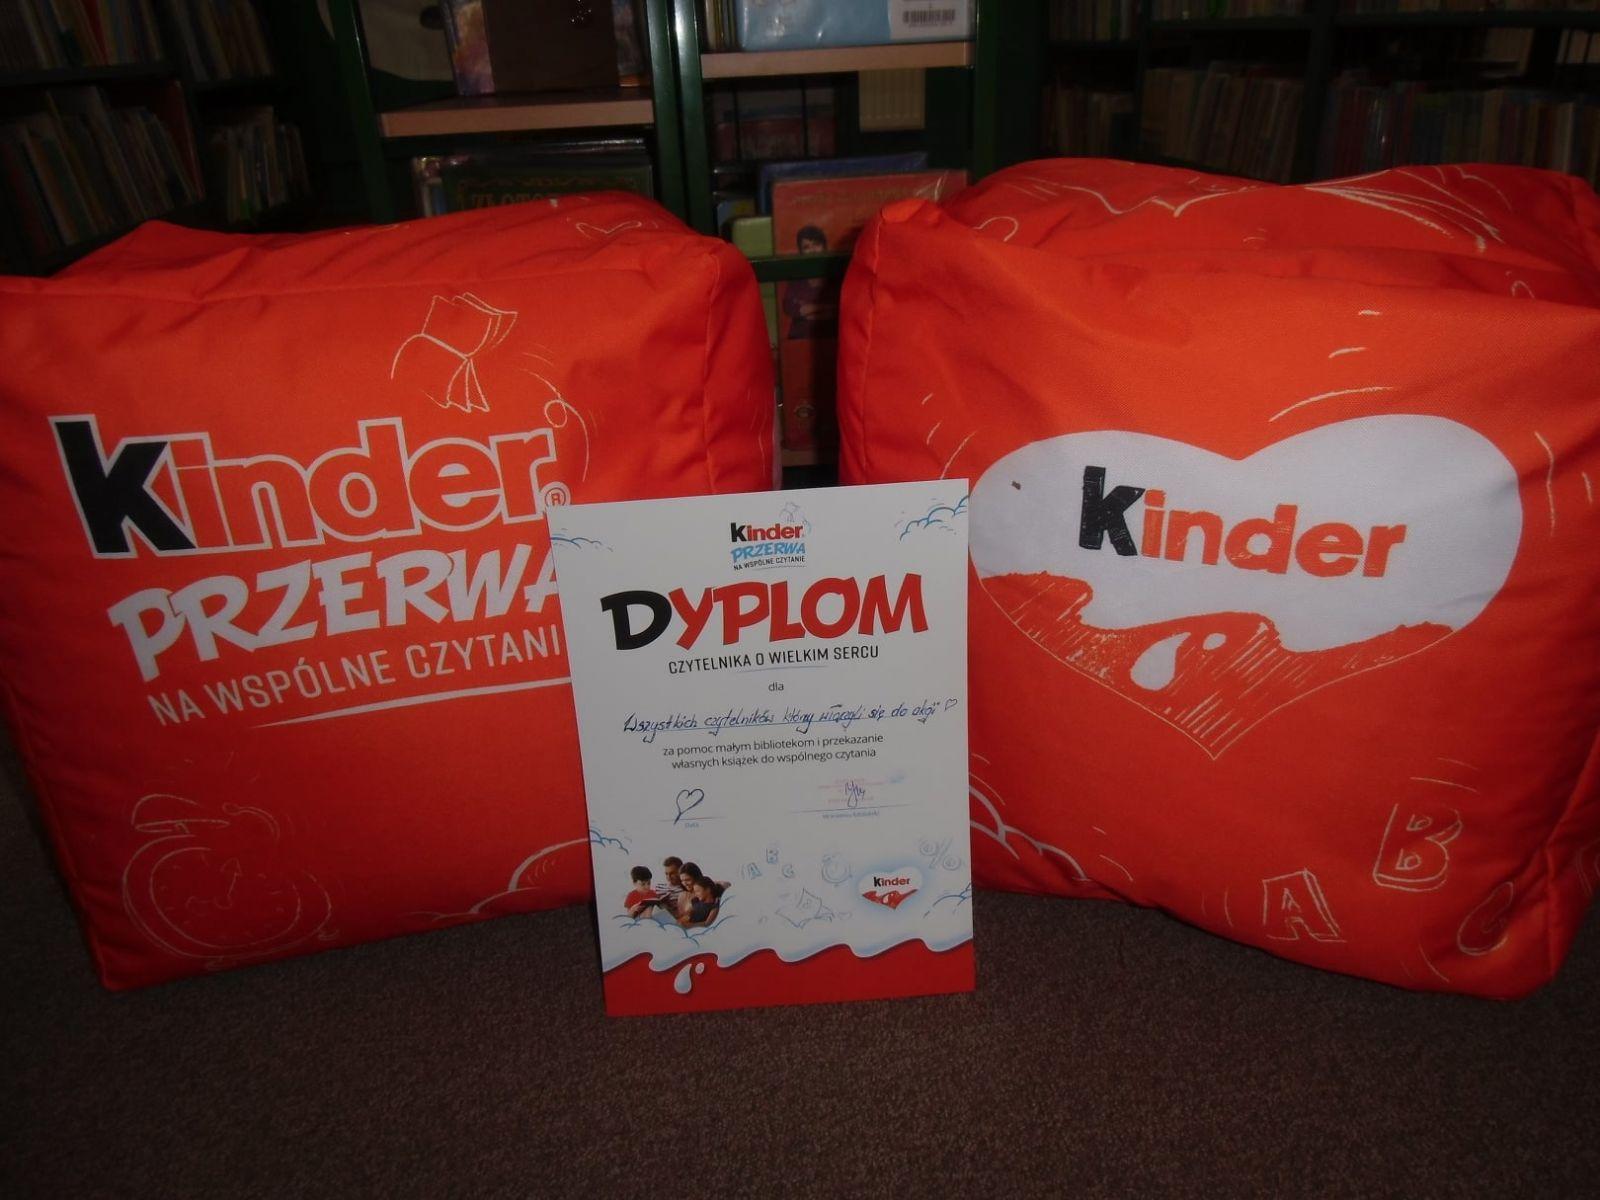 Na zdjęciu dwie pufy z akcji Kinder Mleczna Kanapka - Przerwa na Wspólne Czytanie w kolorze pomarańczowym, między pufami, na środku zdjęcia dyplom dla czytelników, którzy przynieśli książki, w tle regały z ksiązkami